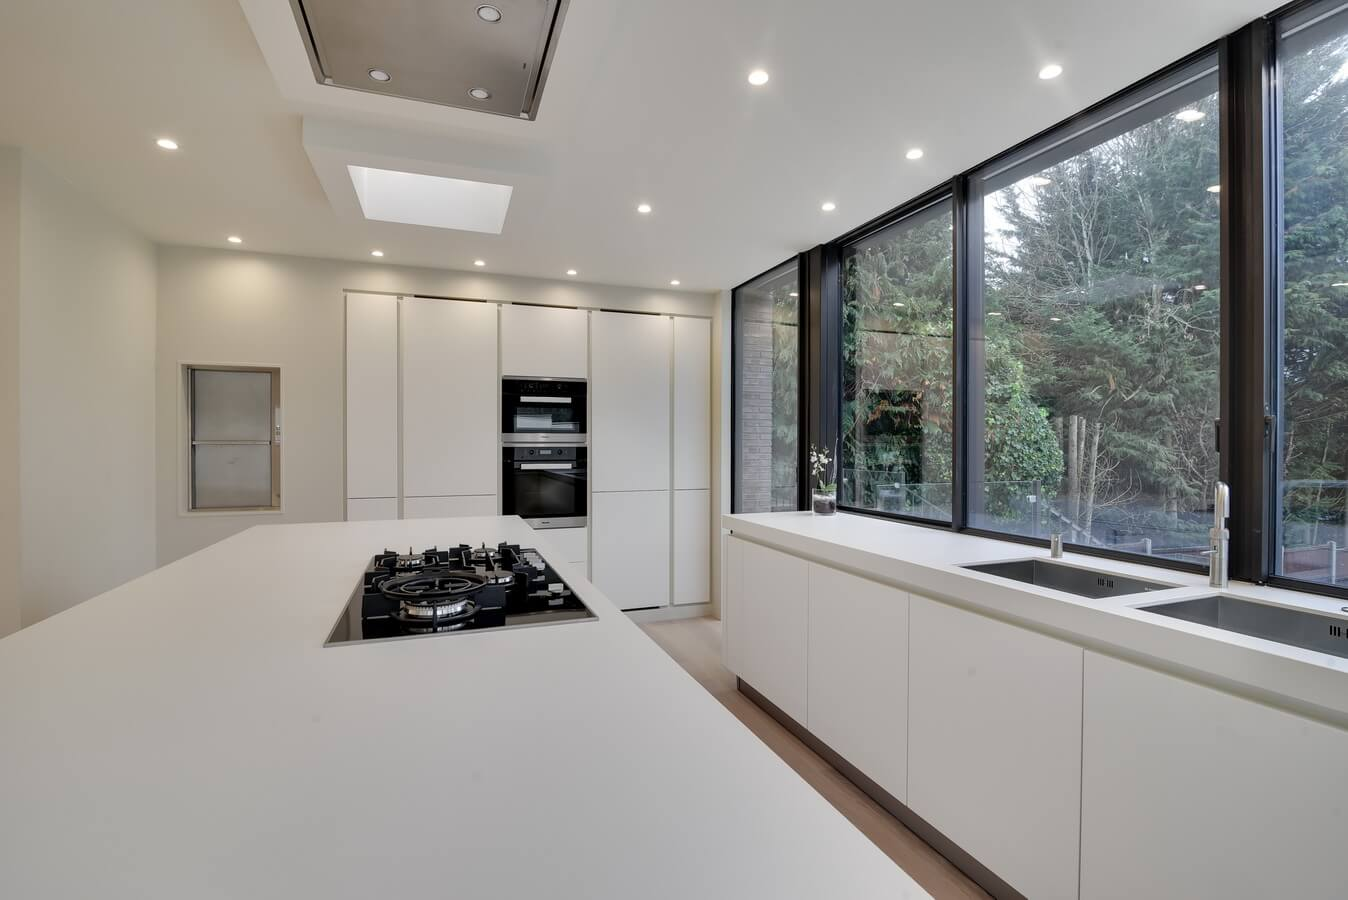 Miele-Appliances-In-German-Kitchen-Moiety.jpg